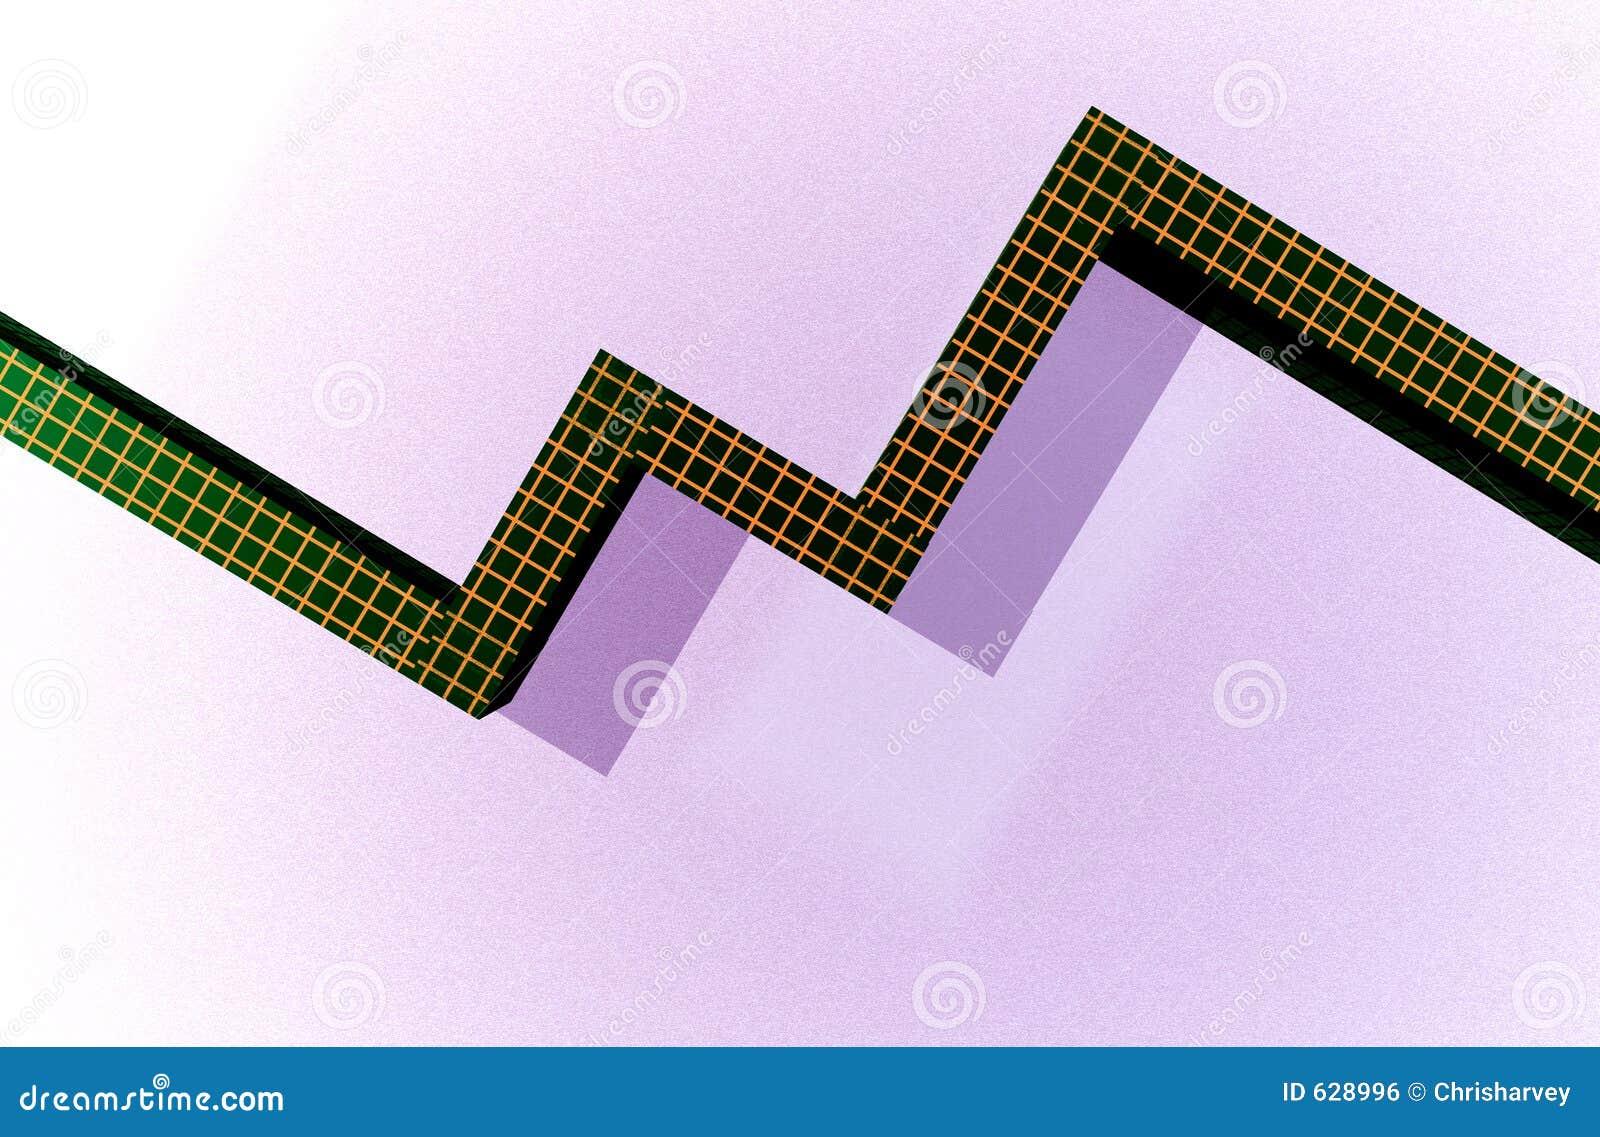 Download Диаграмма 3 иллюстрация штока. иллюстрации насчитывающей наконечников - 628996